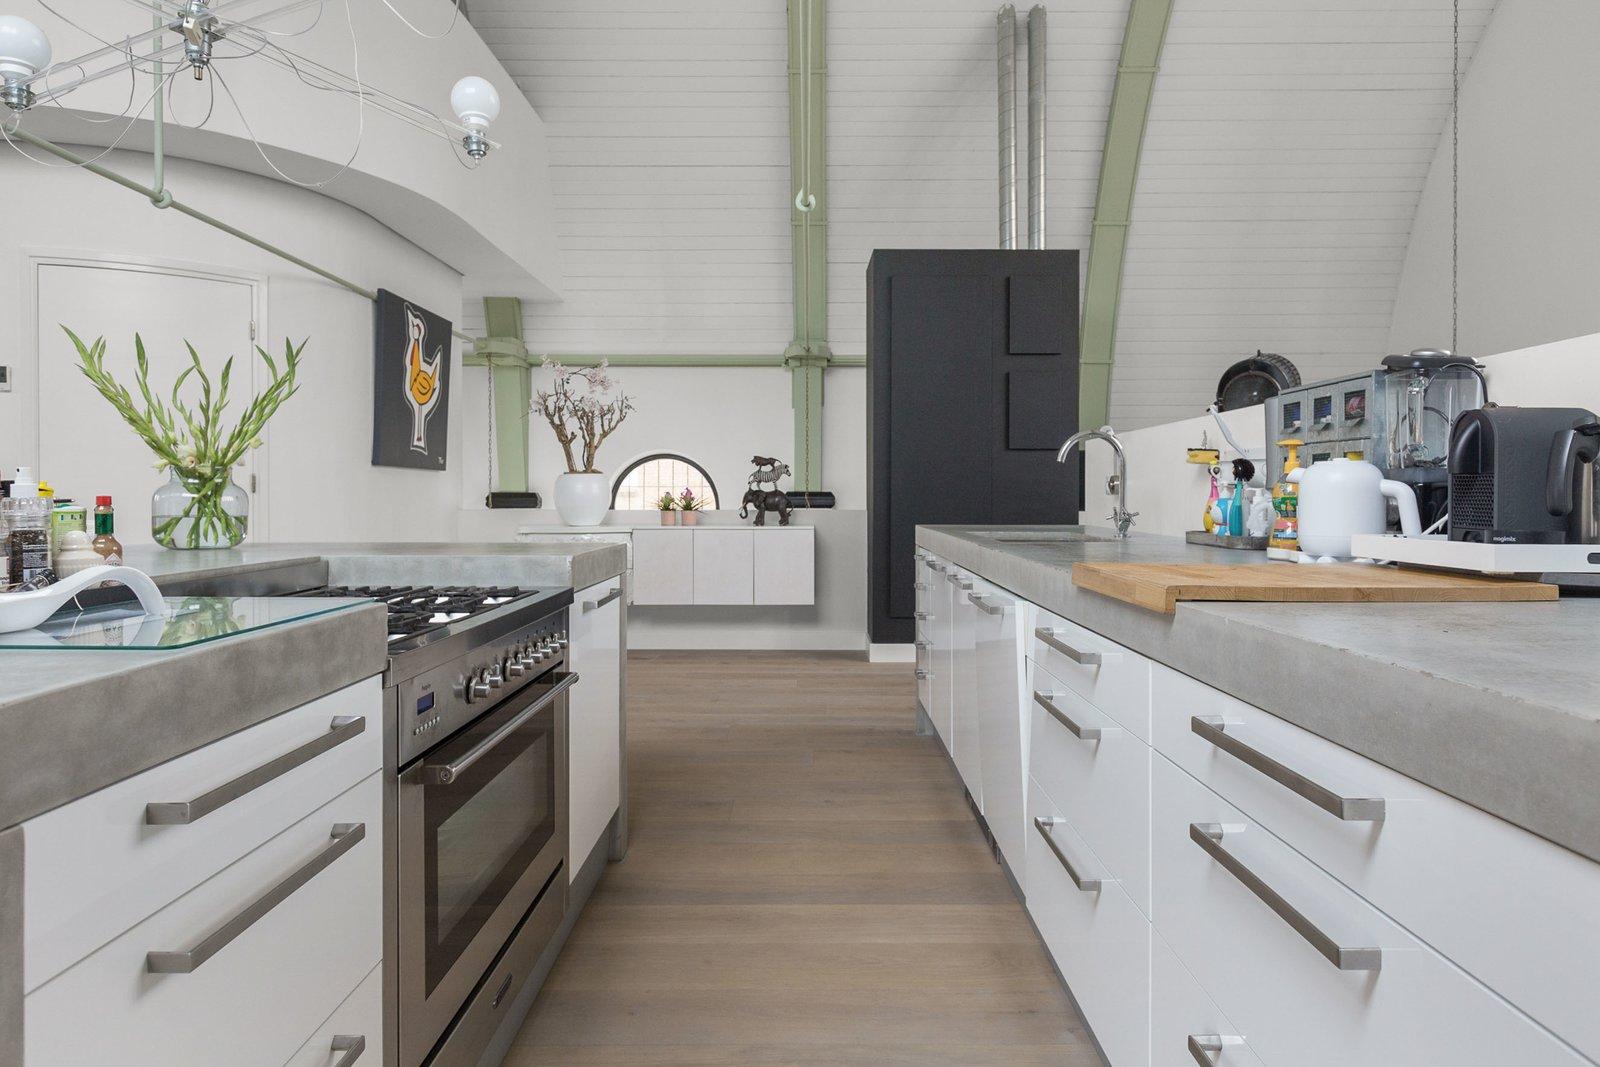 La cocina es de estilo isla